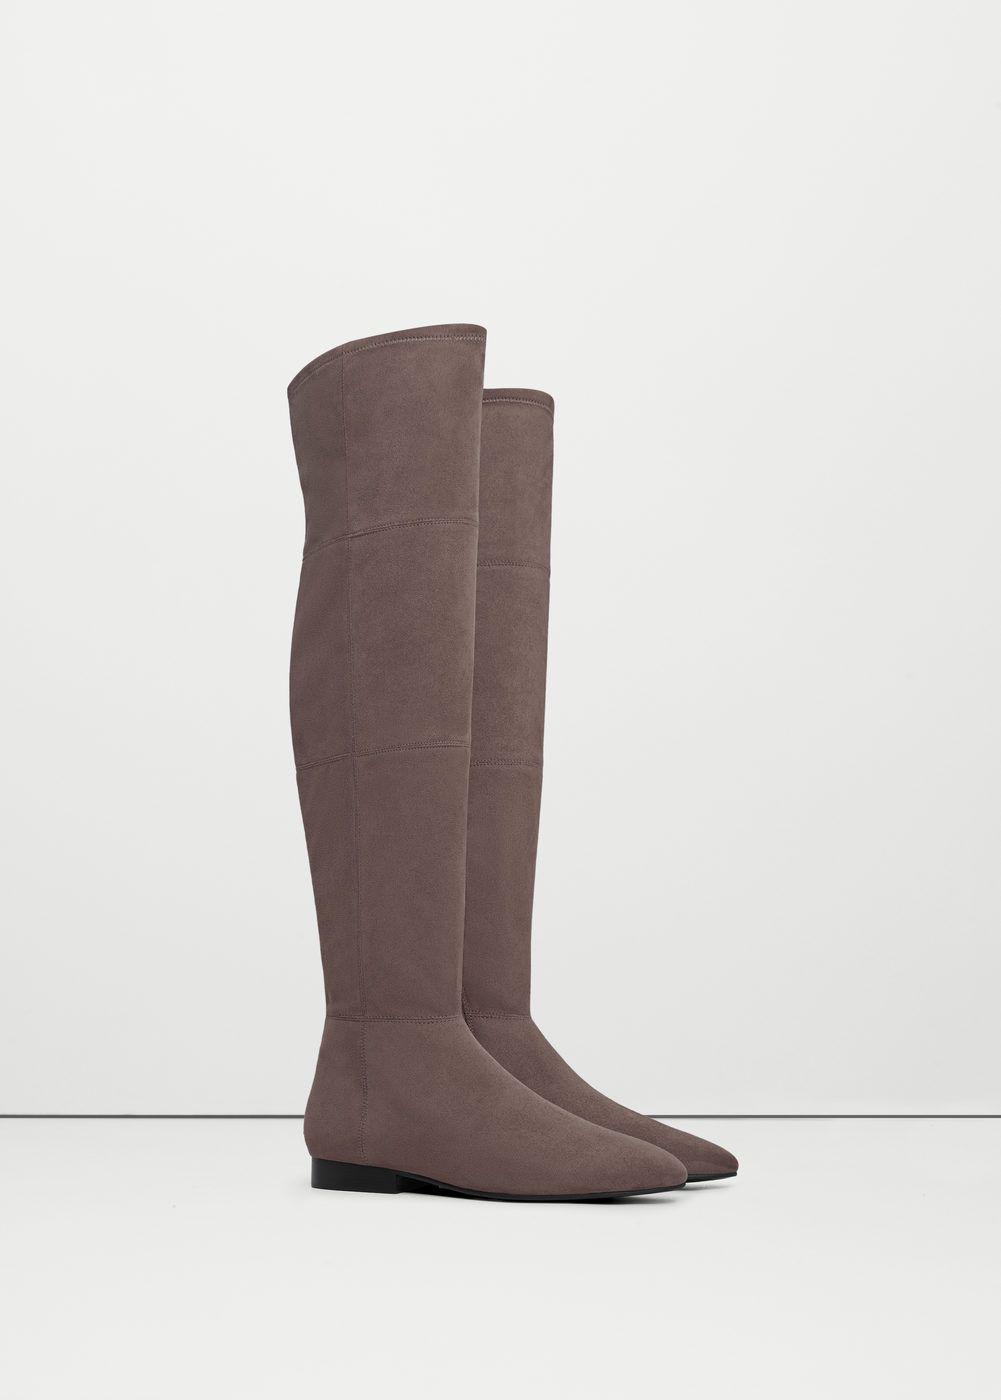 9f7c4b4993a Bota alta plana - Zapatos de Mujer